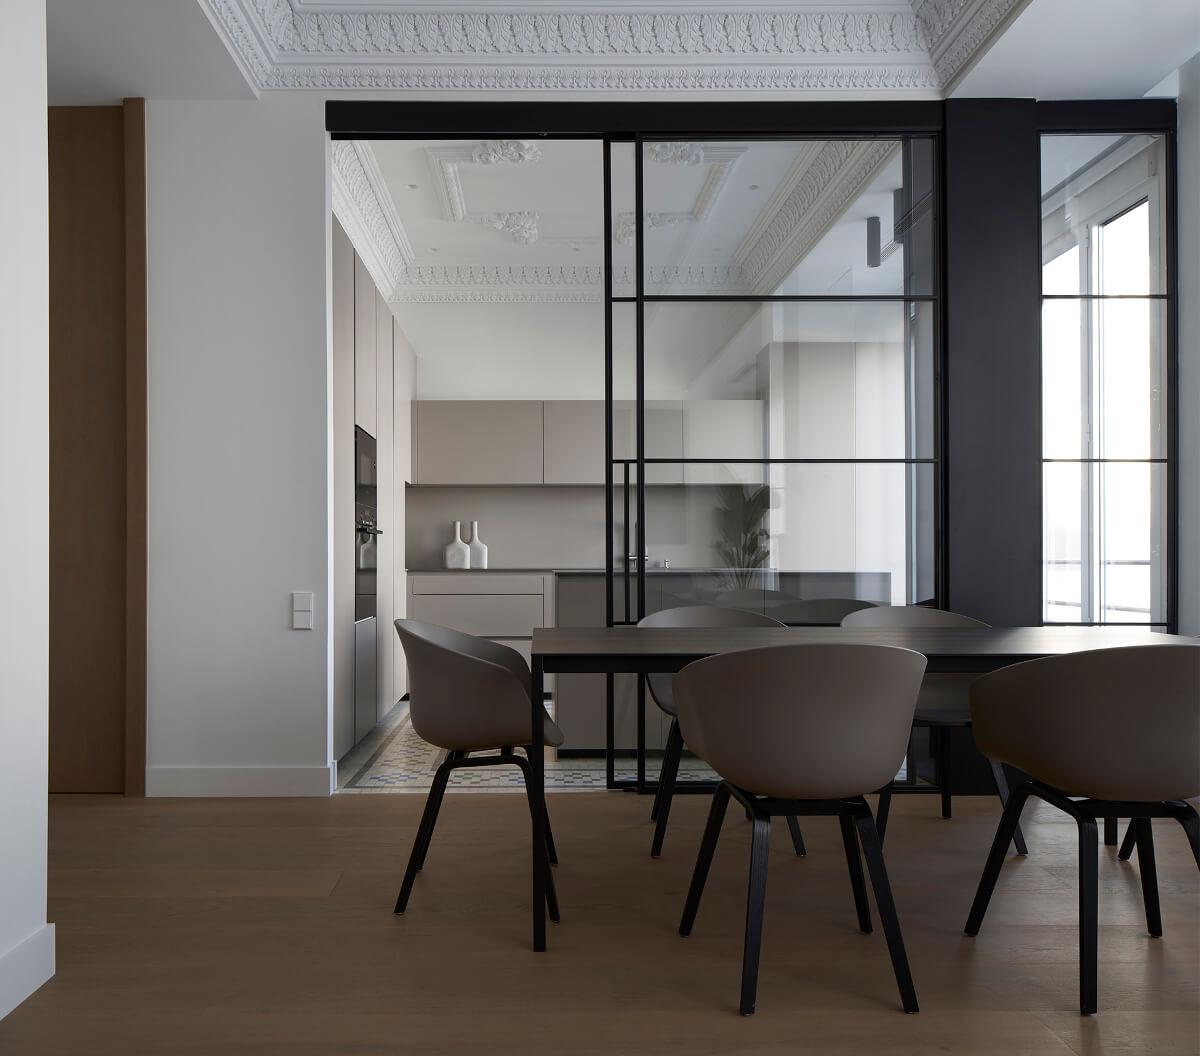 Apartamento com cozinha branca aberta para a sala de jantar Santos